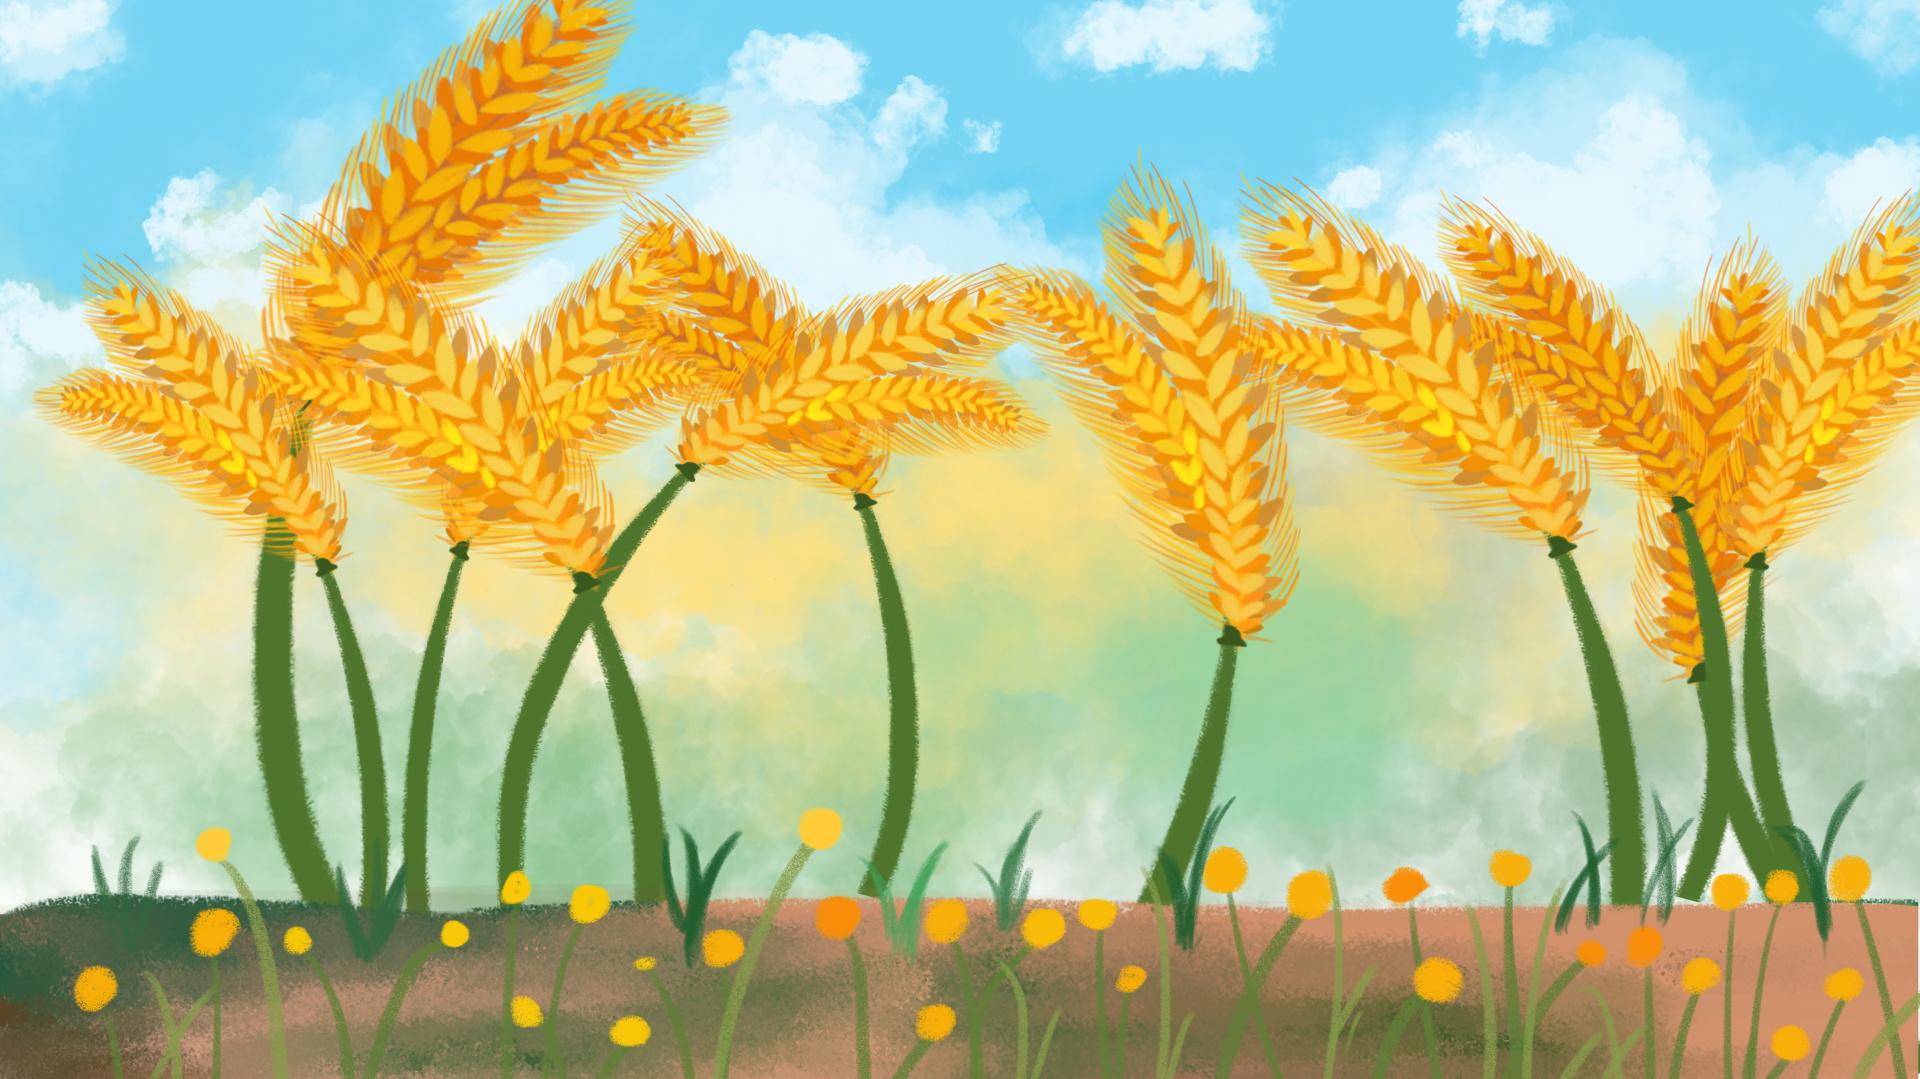 Картинки колоски в поле для детей